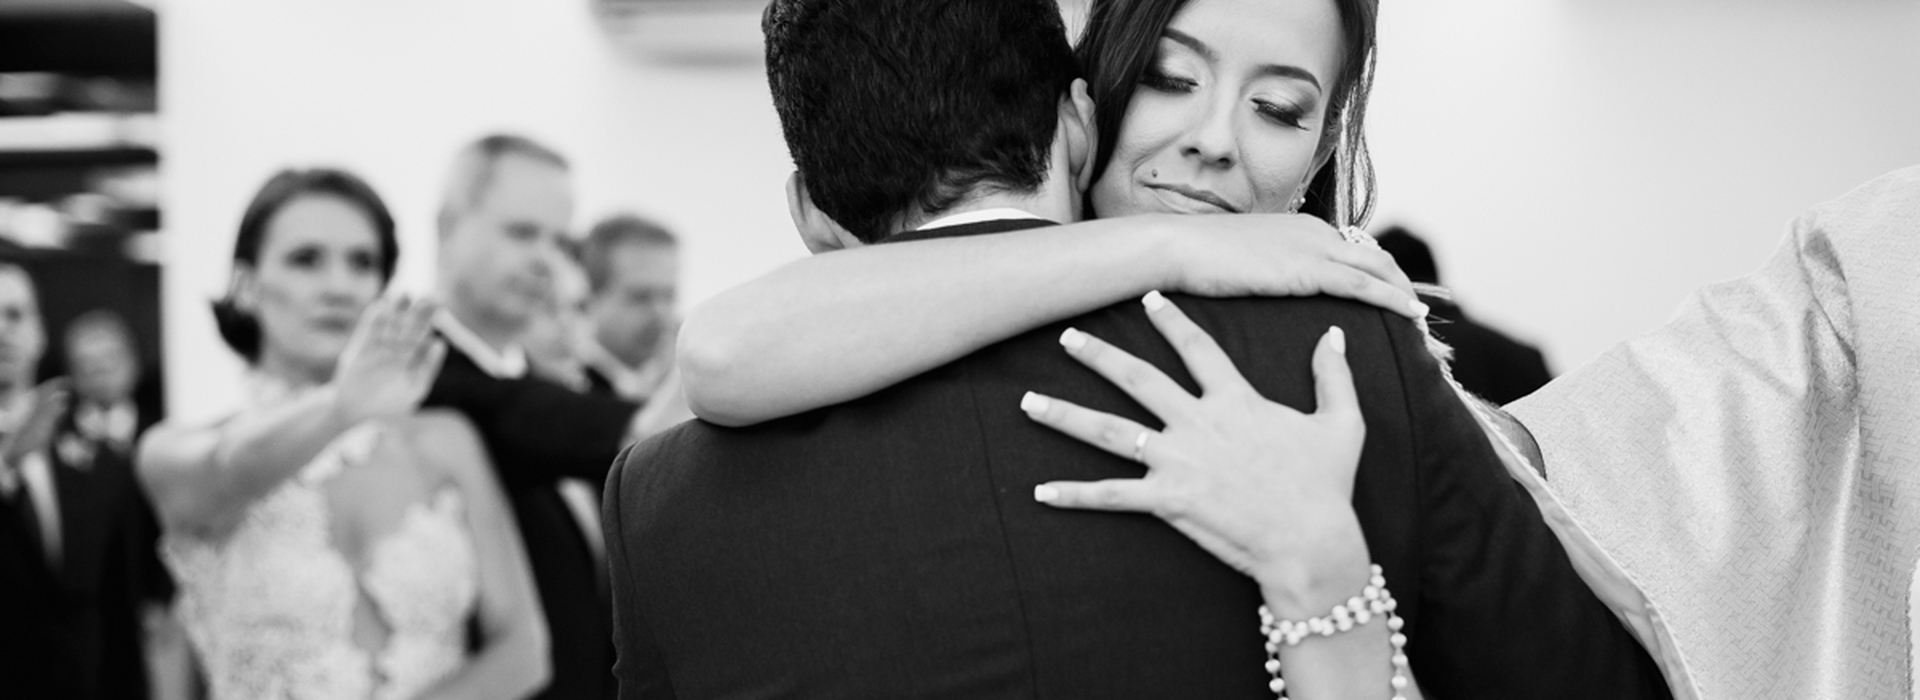 Casamento de Carol & Matheus em Academina Mineira de Letras - BH